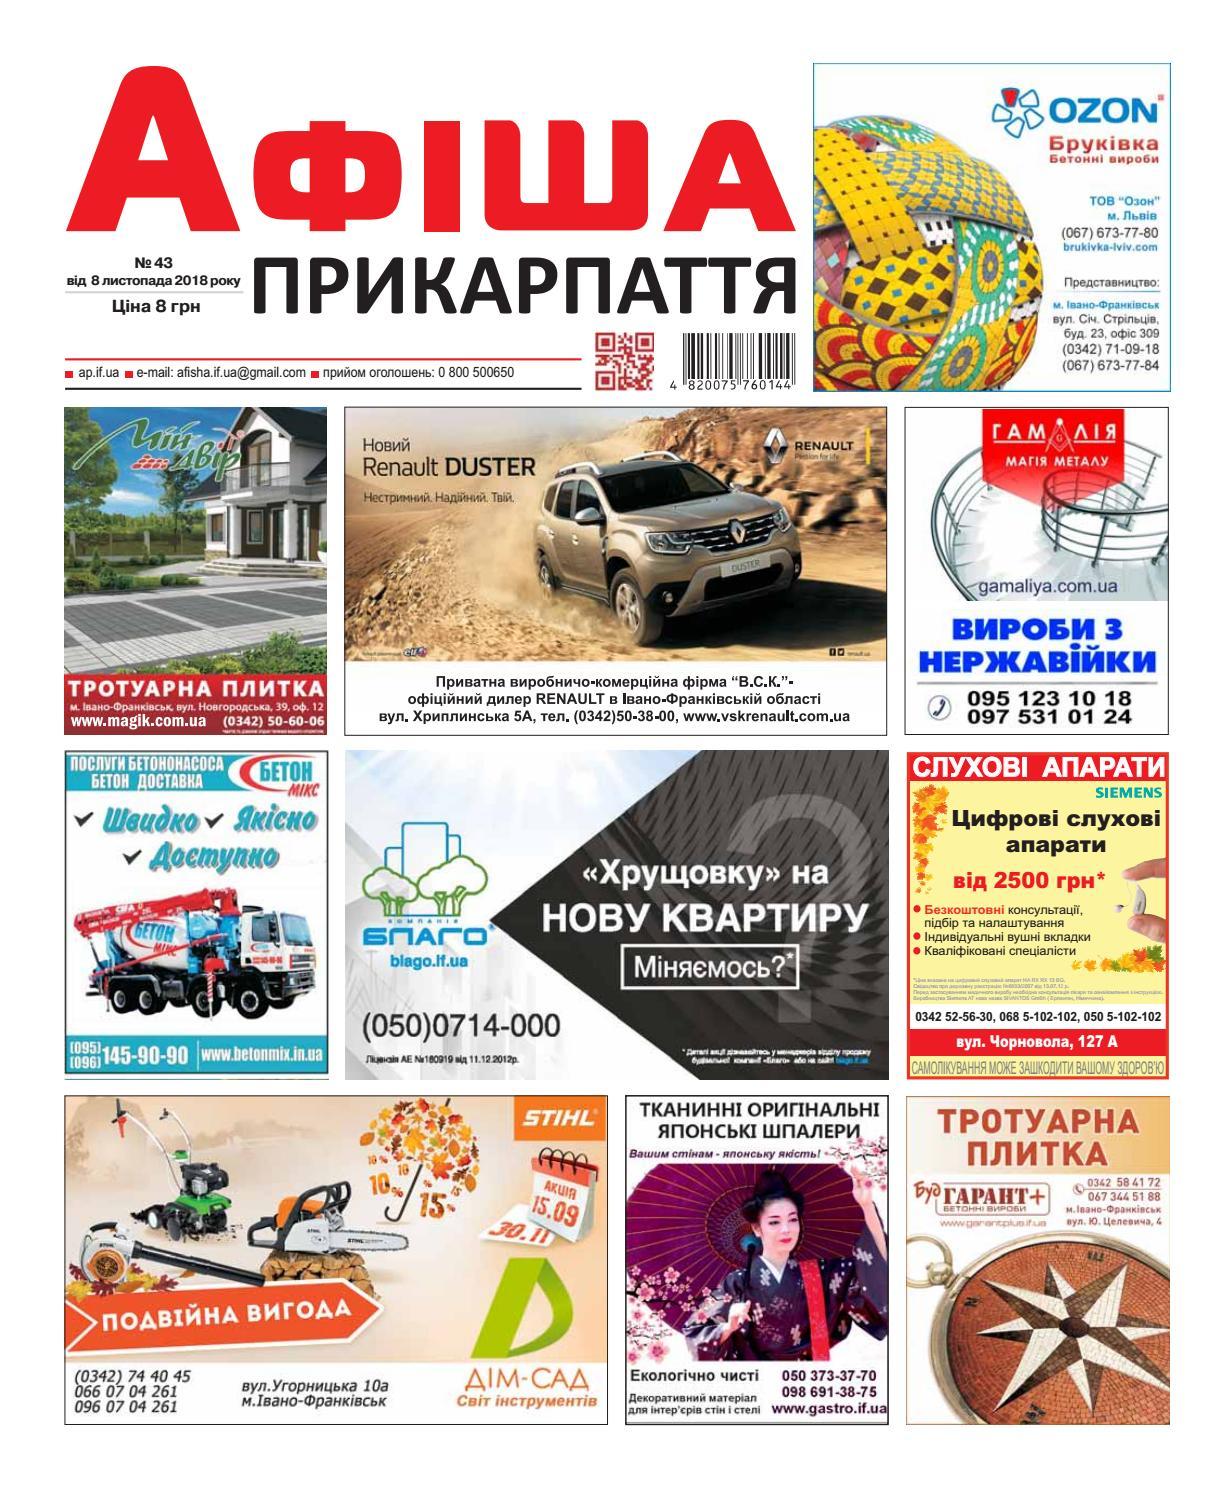 Афіша Прикарпаття № 43 by Olya Olya - issuu d2f05e5831ffa